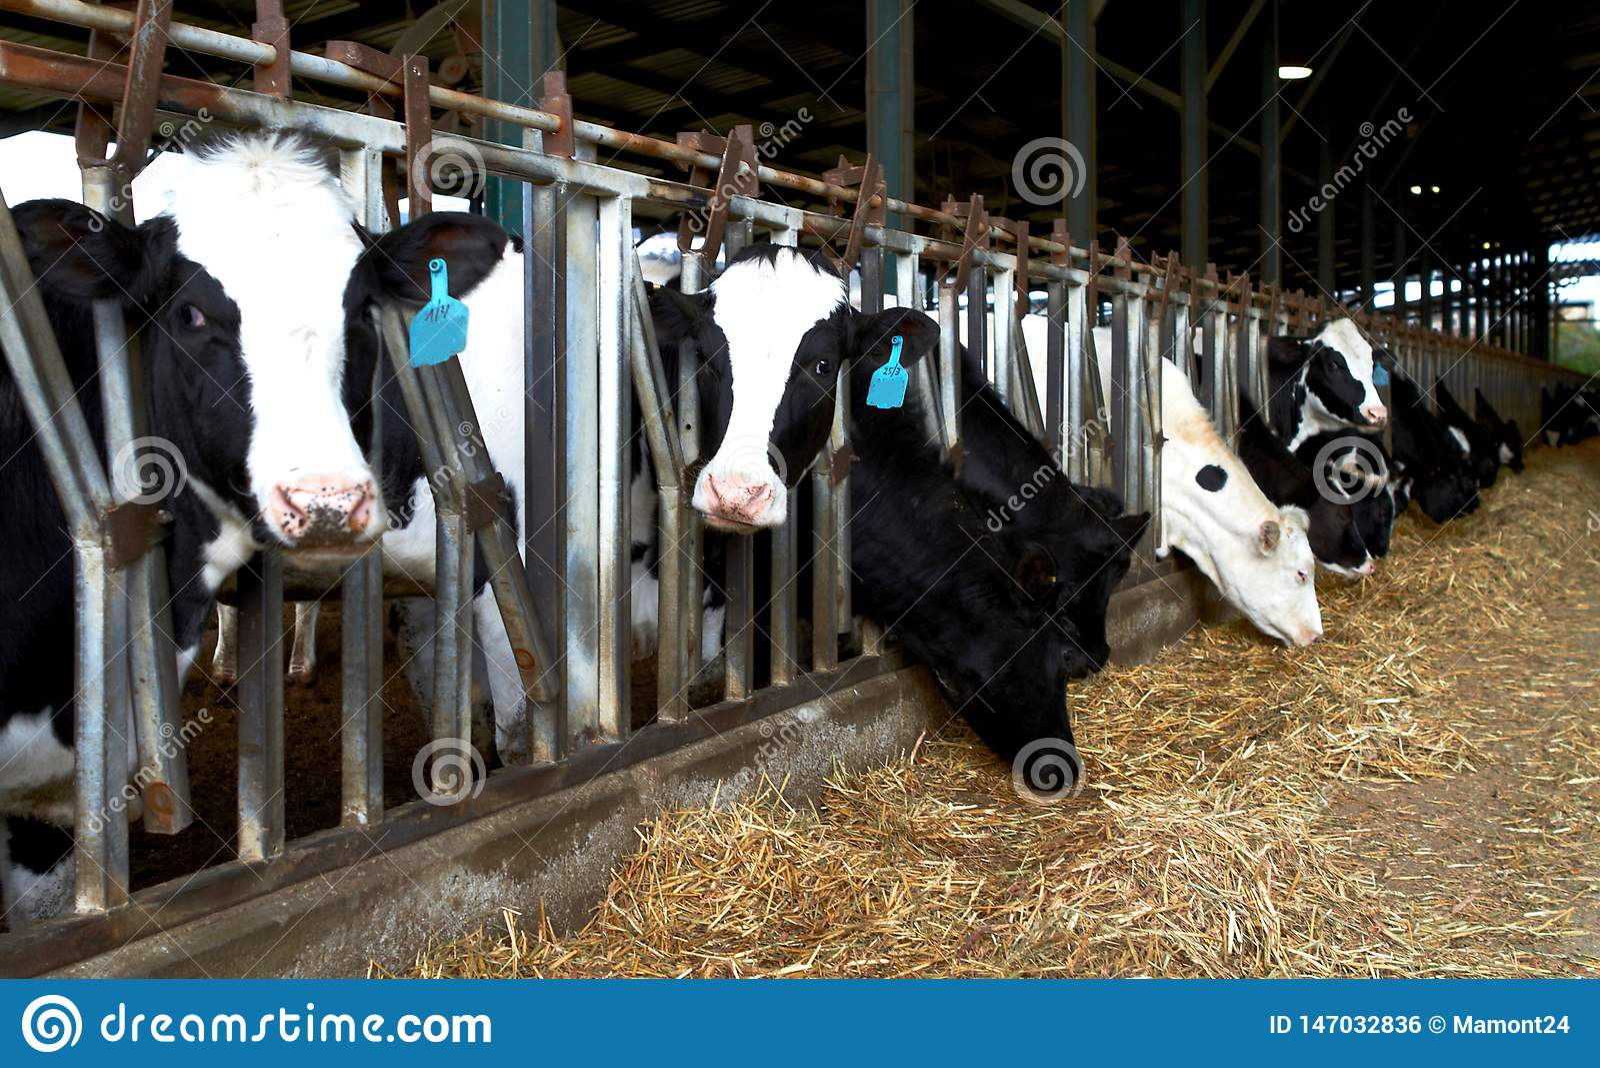 Cows farm kibbutz, Israel Spring Feeding